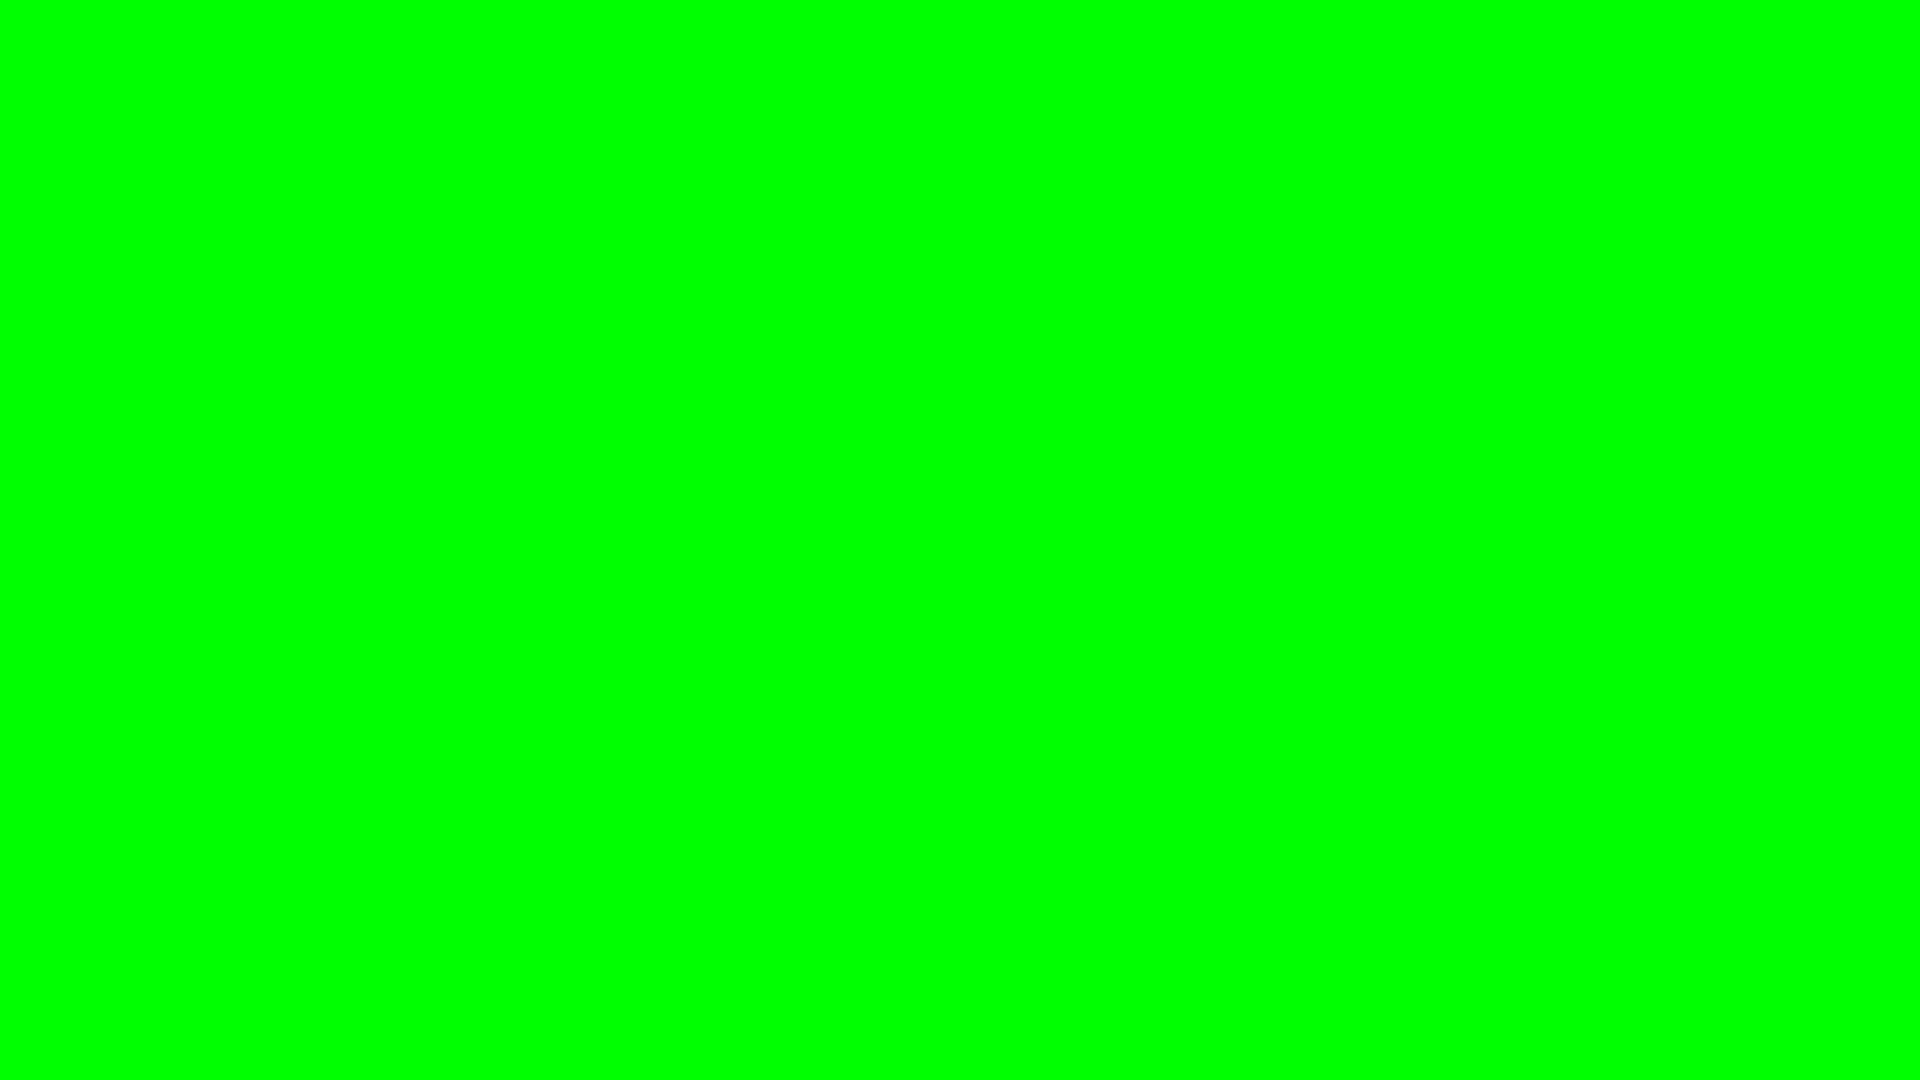 緑色 壁紙 画像 エムズライファー